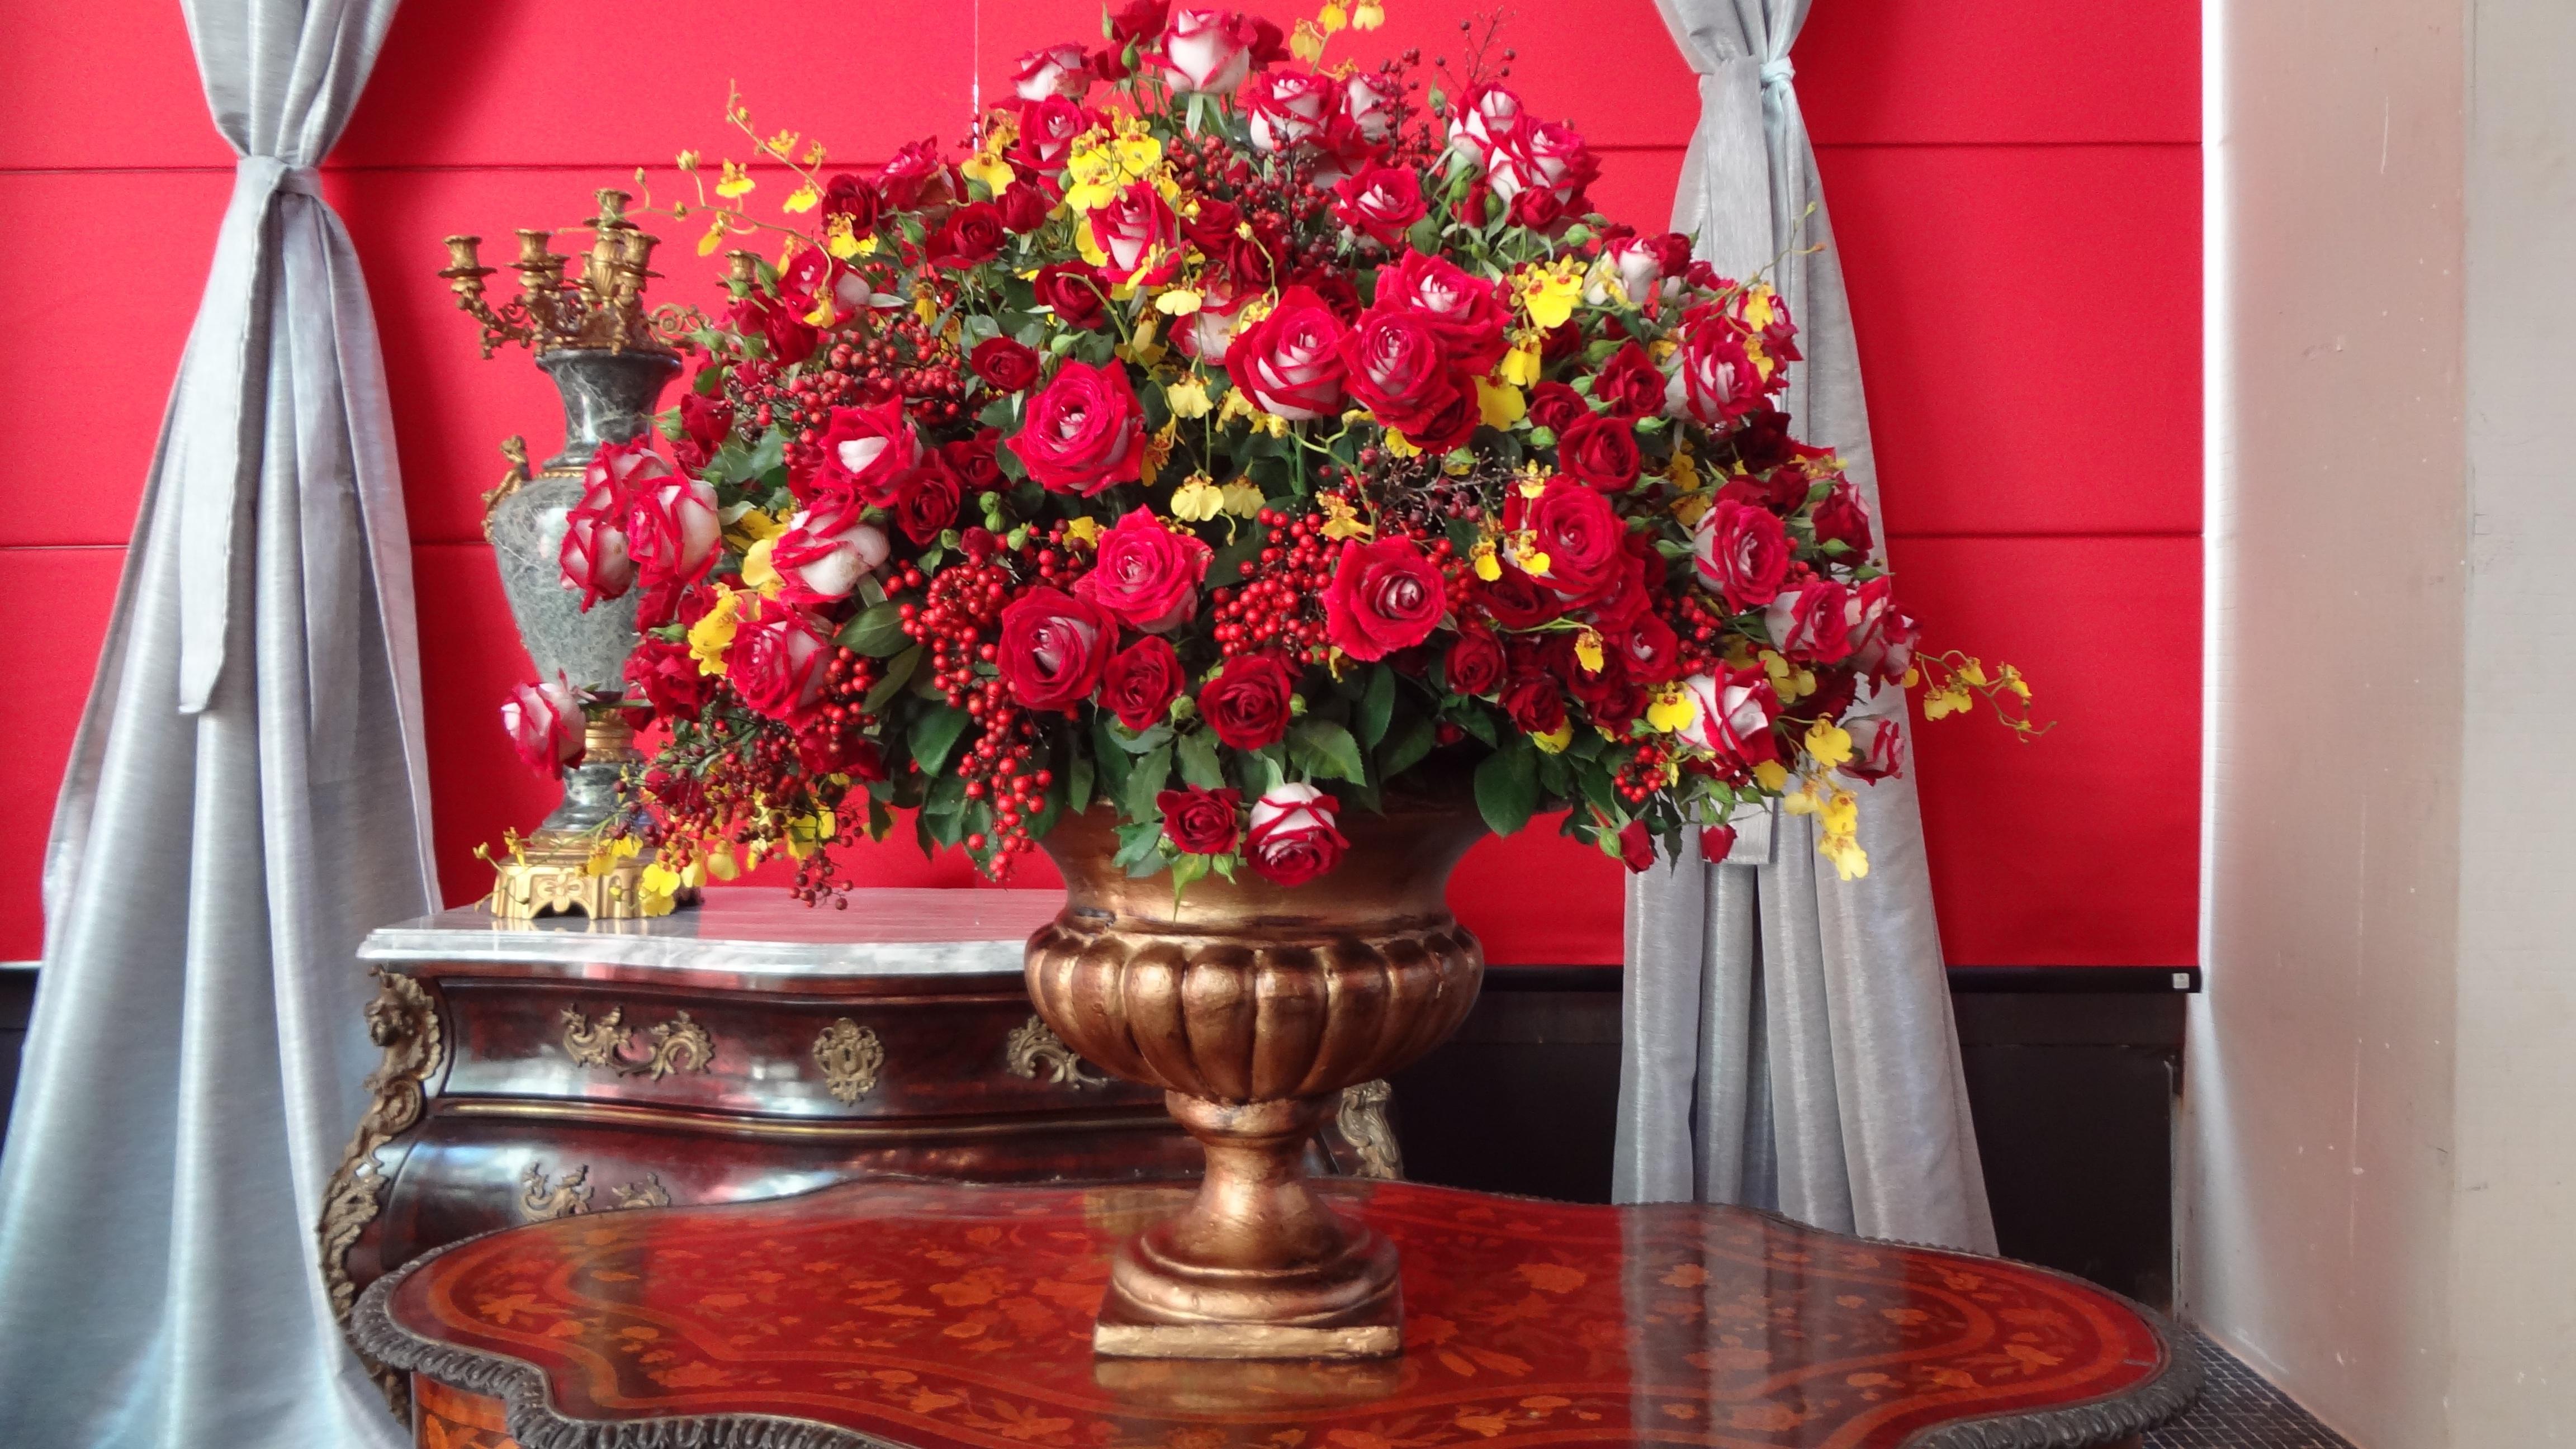 Fotos Gratis Planta Flor Rojo Navidad Arreglo Floral